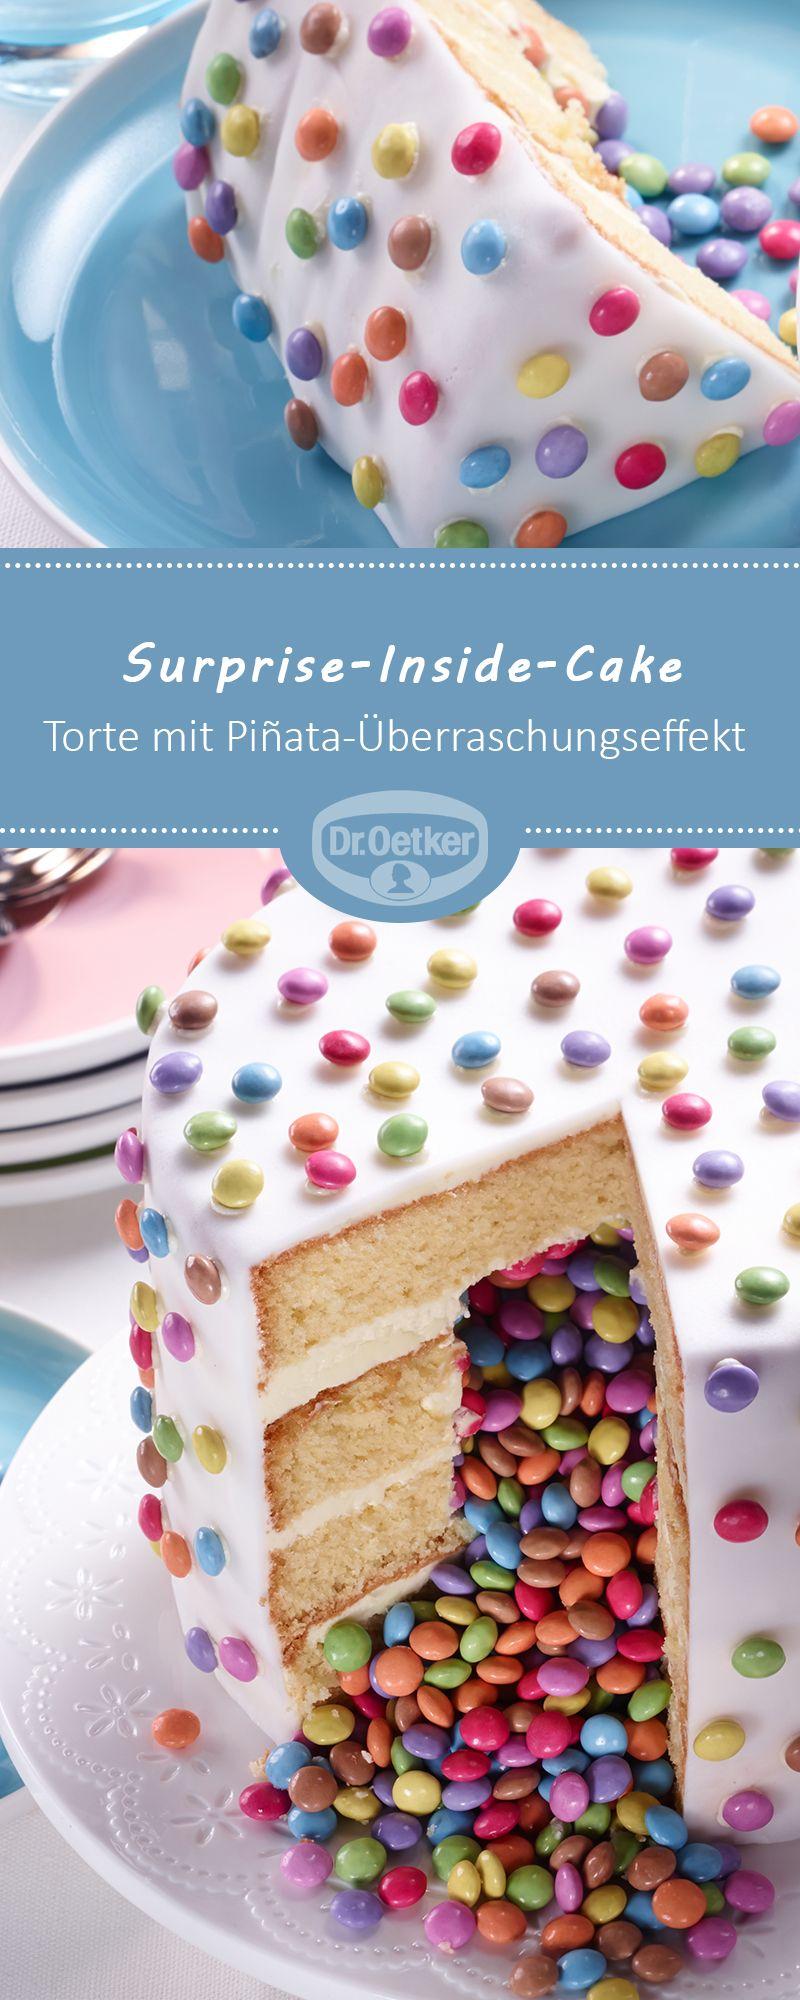 Surprise Inside Cake Rezept In 2019 Cakes Geburtstagskuchen